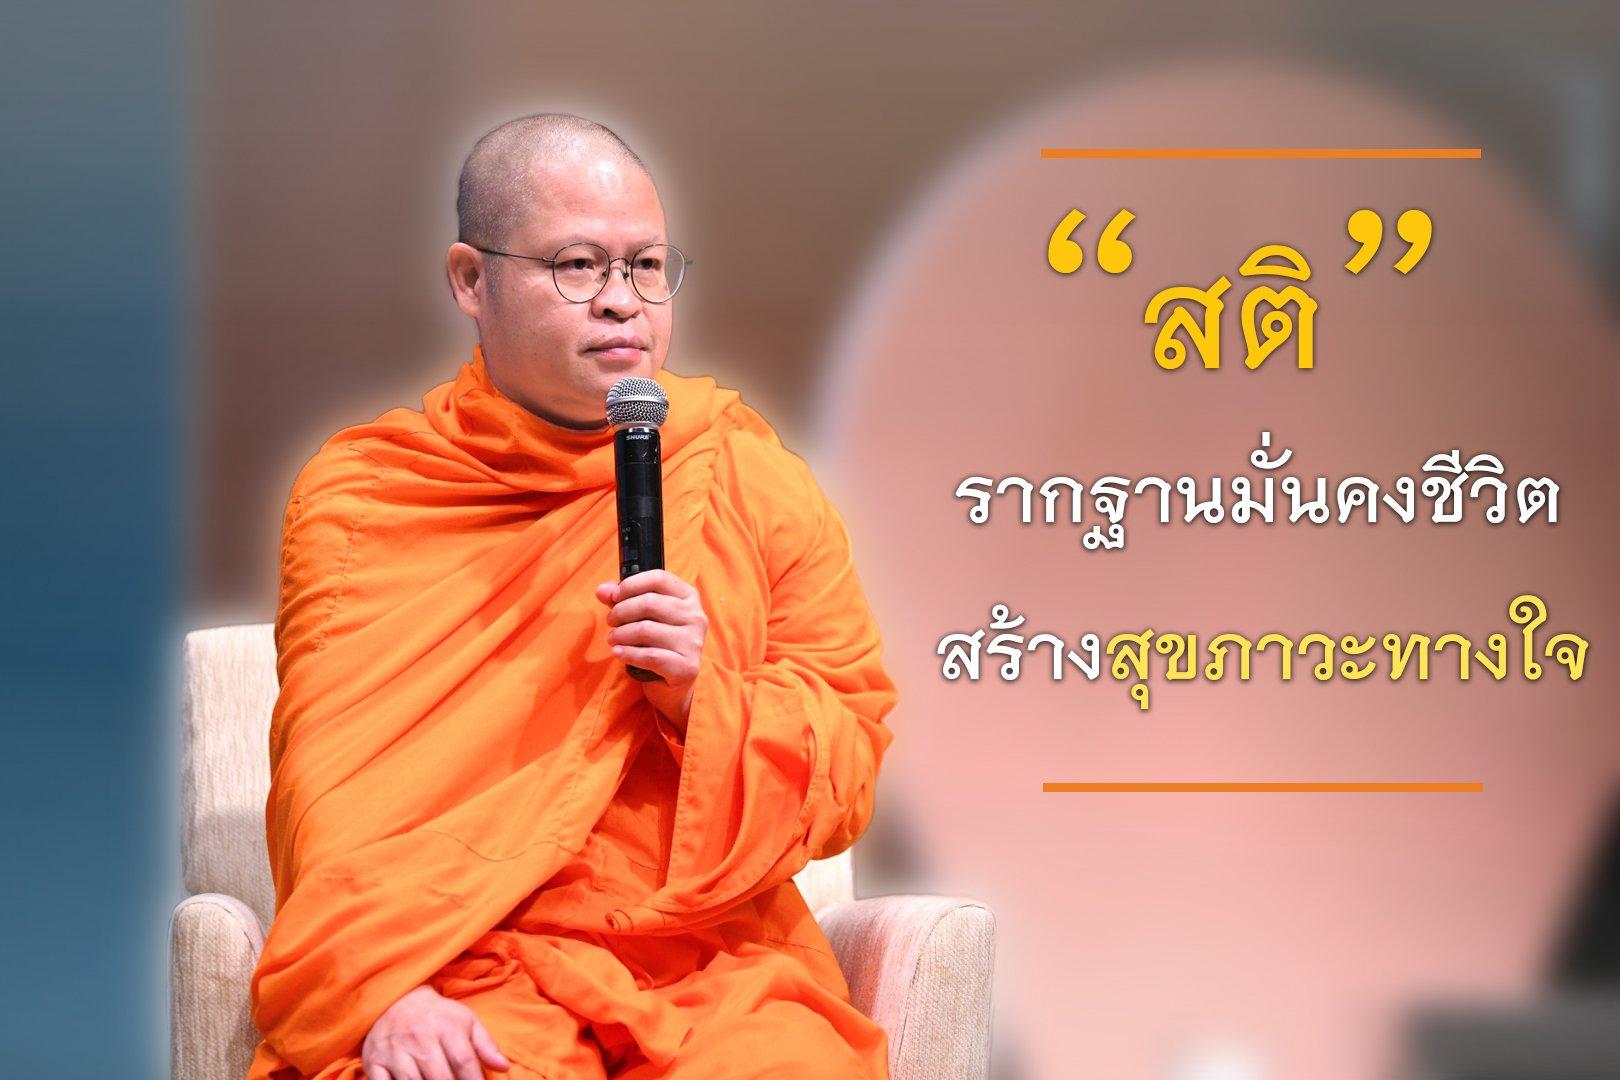 """""""สติ"""" รากฐานมั่นคงชีวิต สร้างสุขภาวะทางใจ thaihealth"""